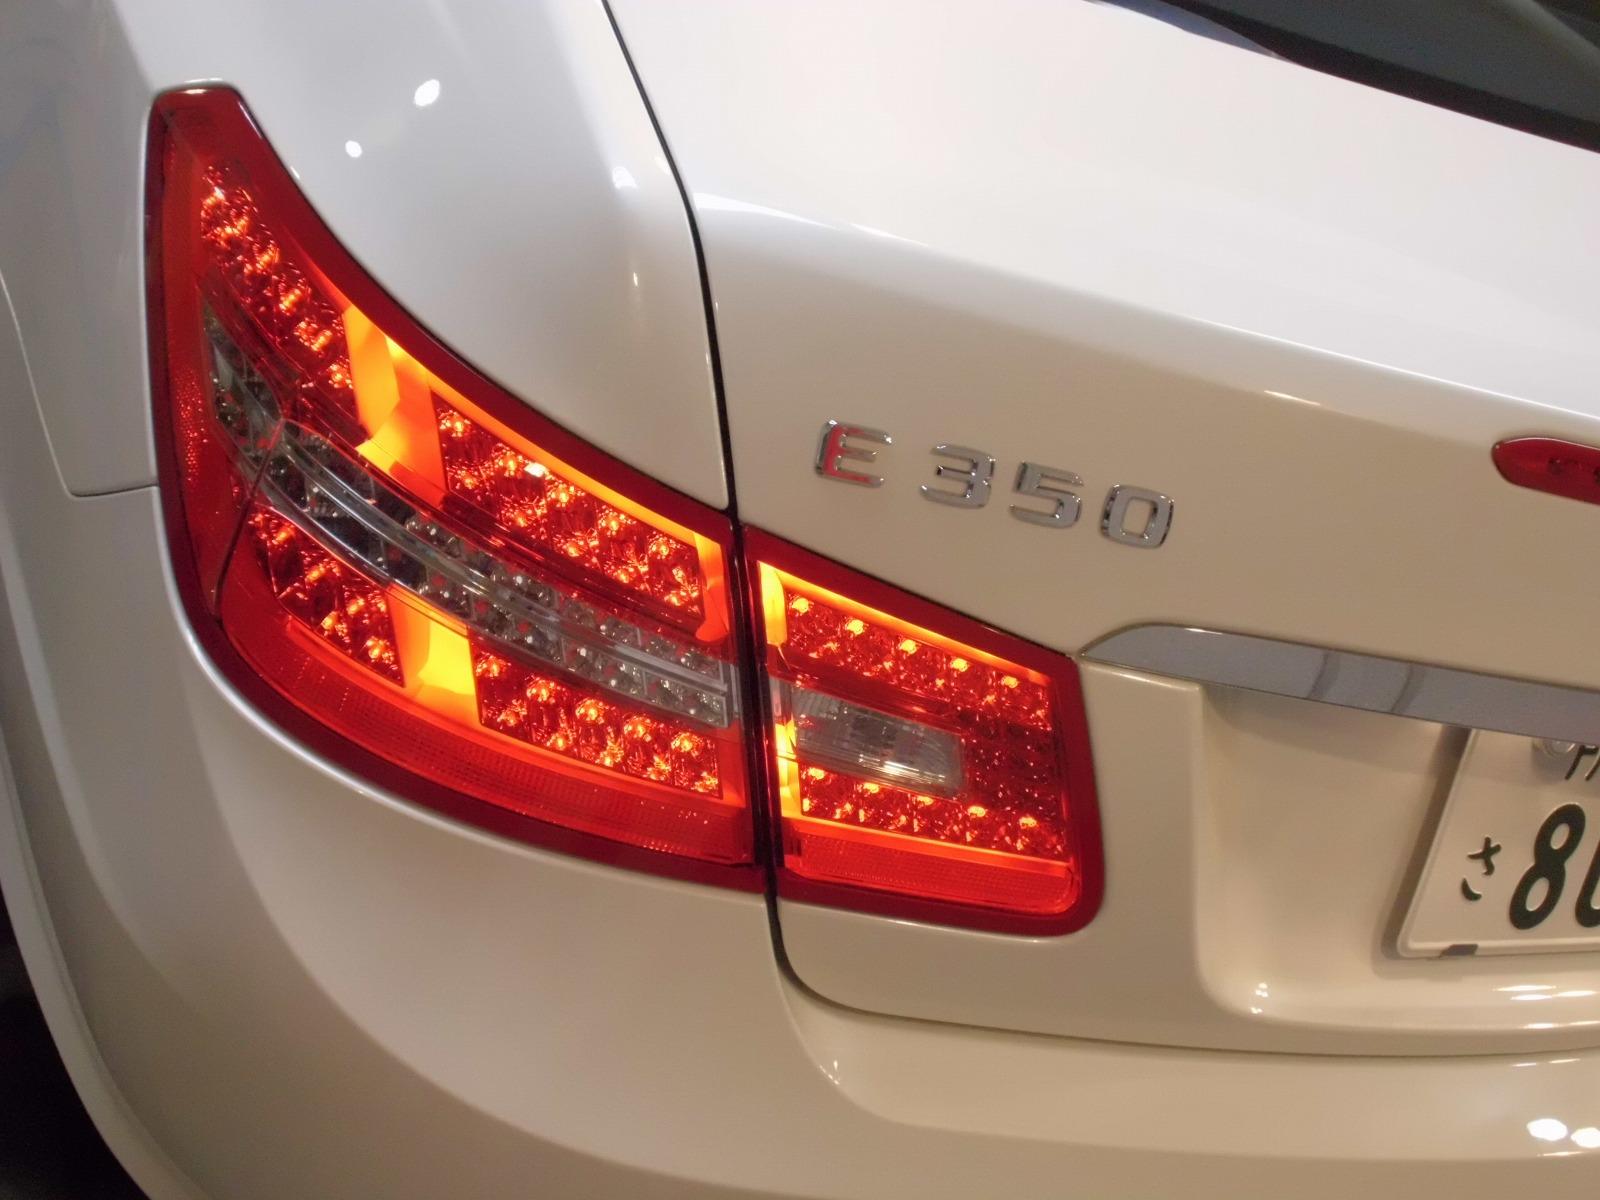 20130823-mercedes-benz-e350-08